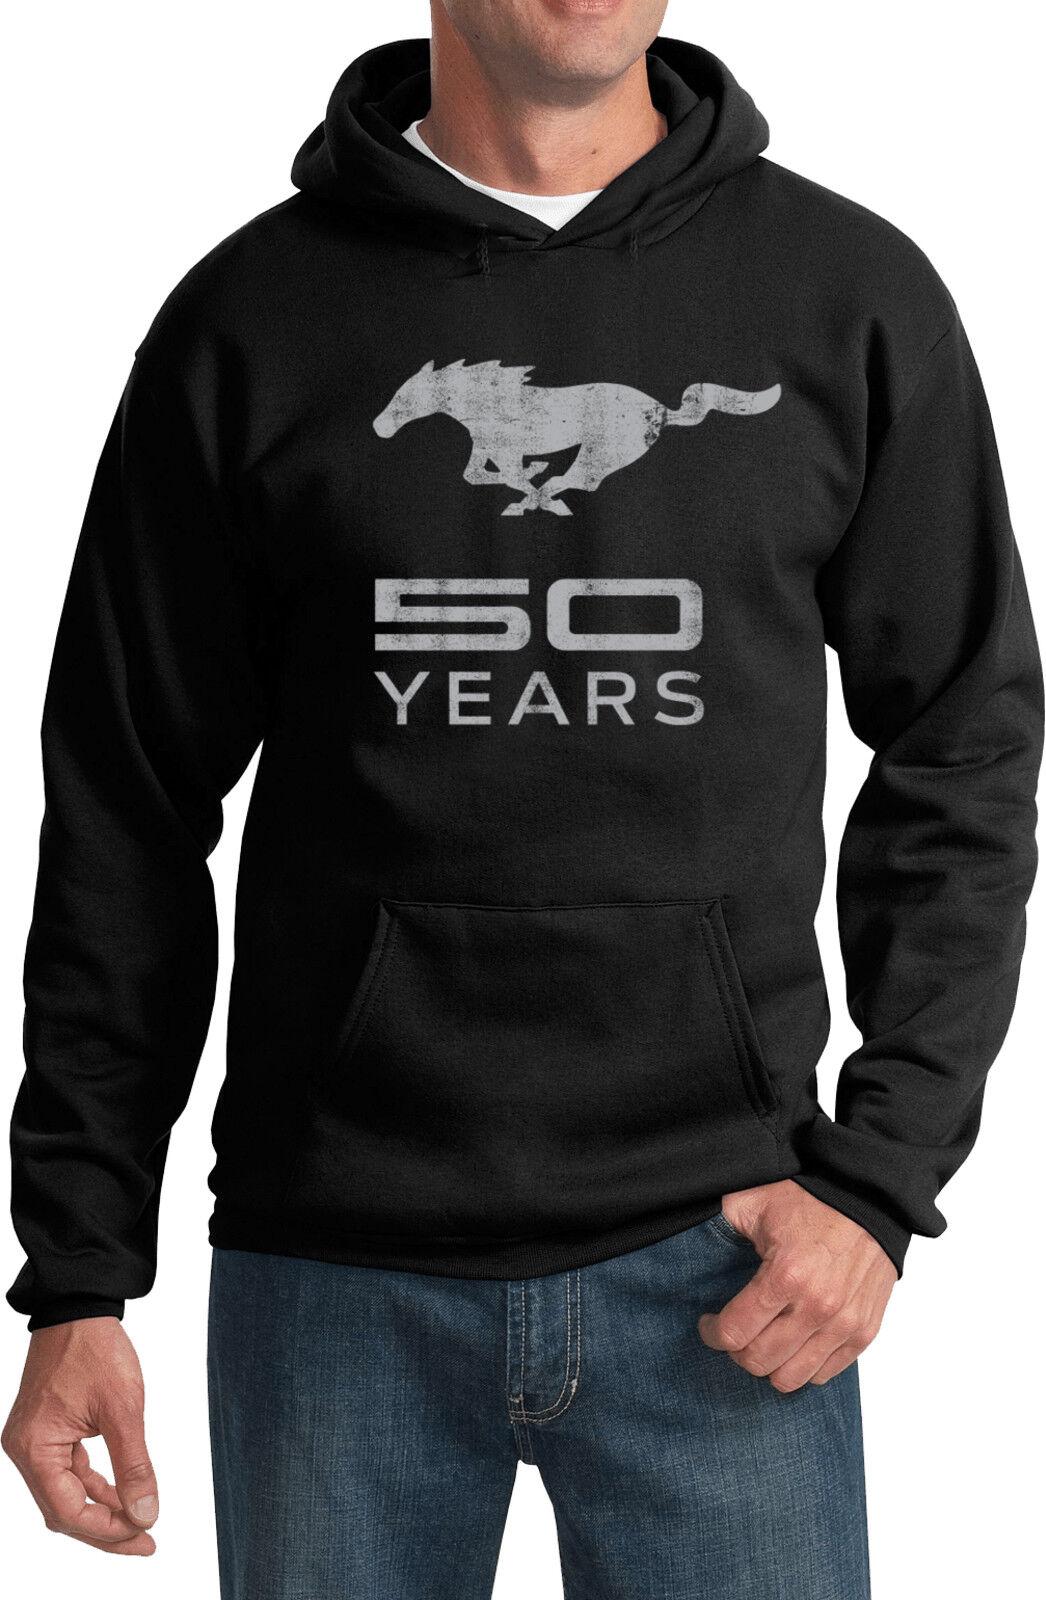 Ford Mustang Hoodie 50 Years